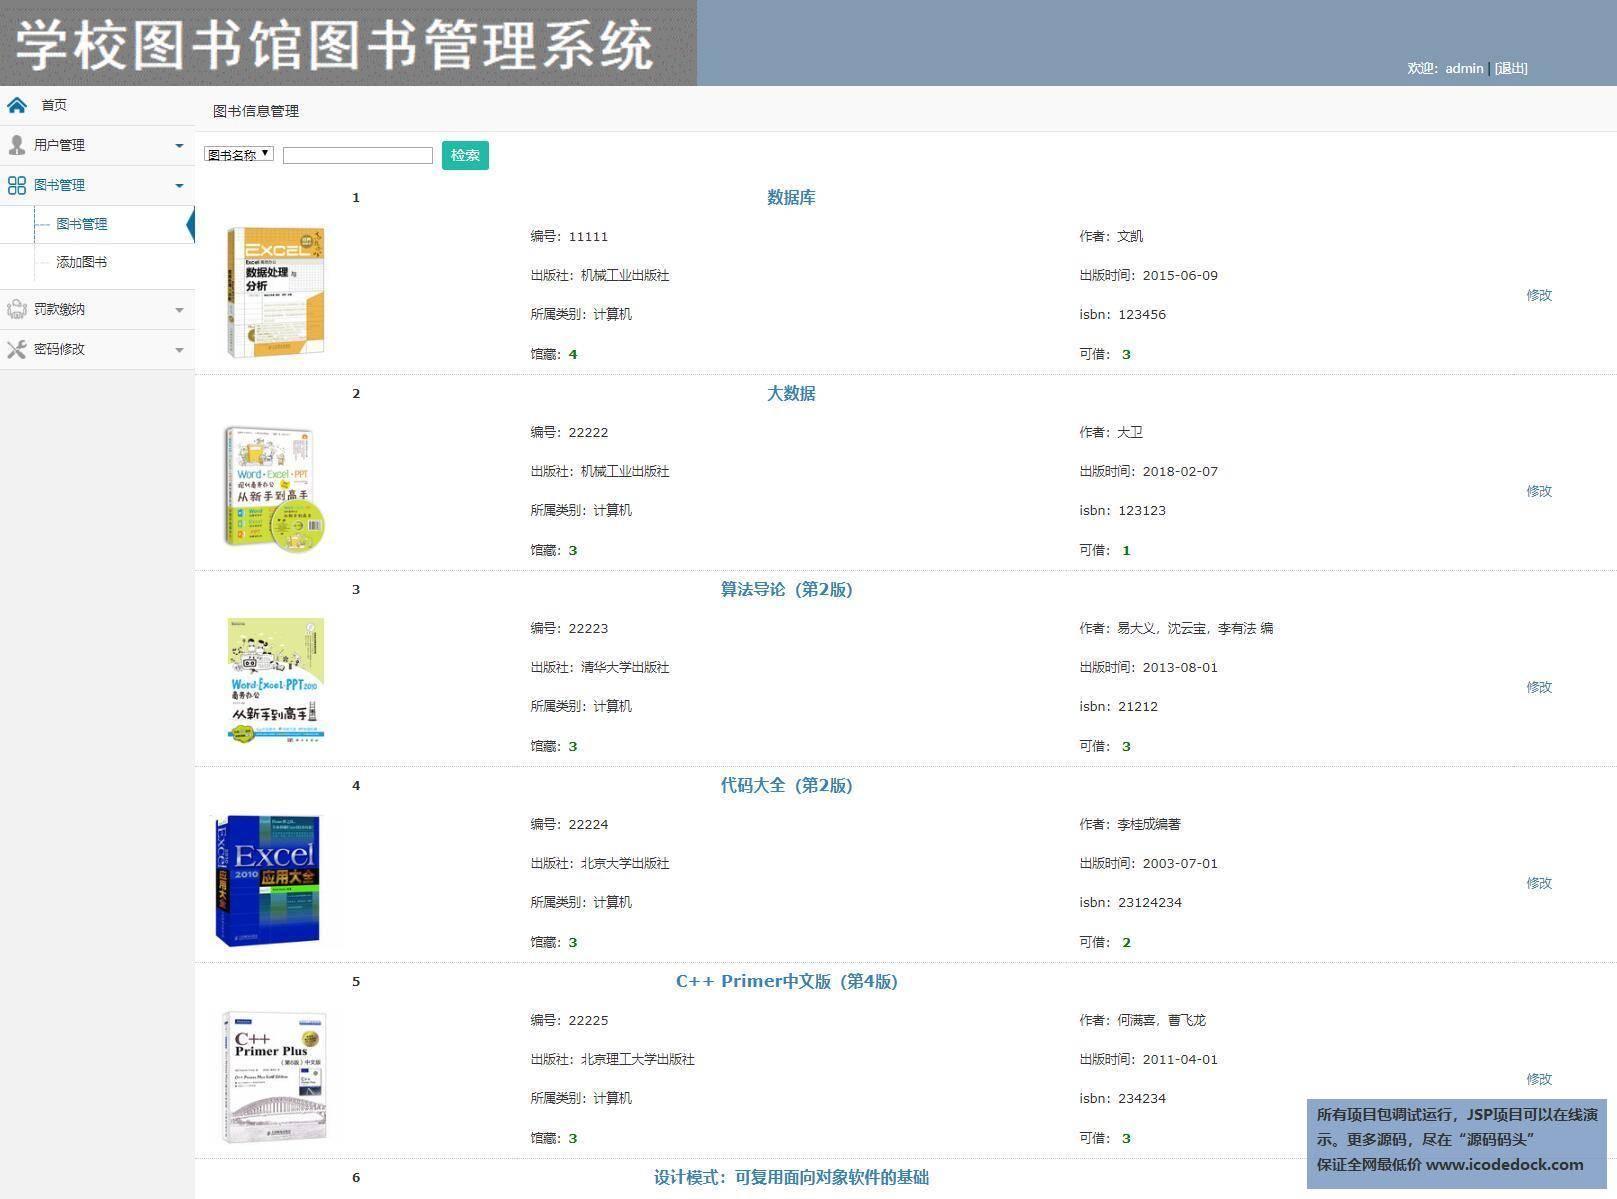 源码码头-JSP图书馆图书管理系统-管理员角色-图书管理